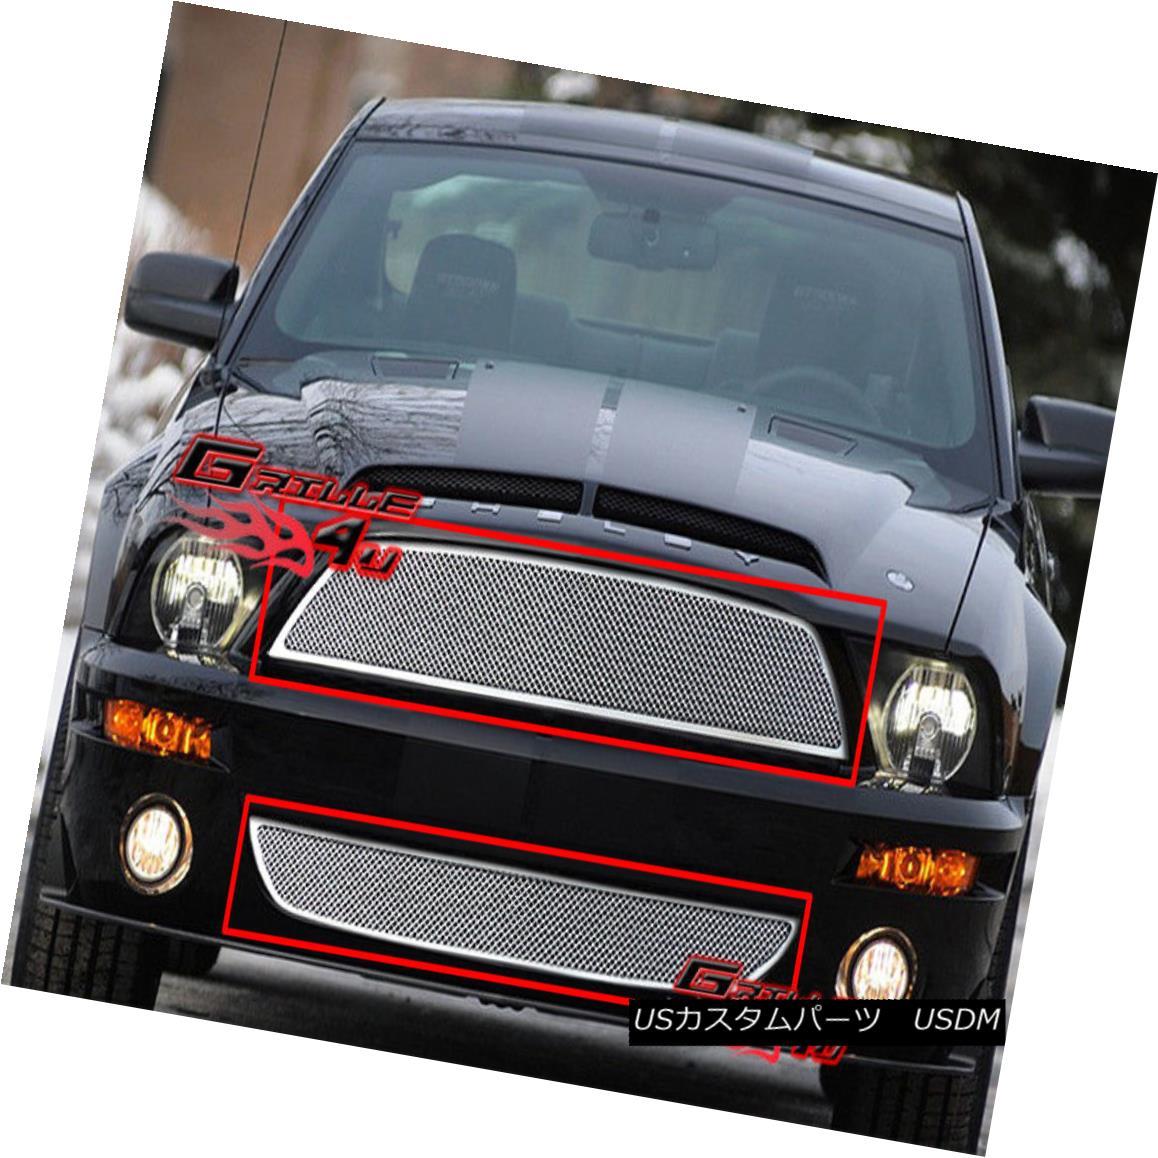 グリル Fits 2007-2009 Ford Shelby GT500 Stainless Mesh Grille Grill Combo Insert フィット2007-2009フォードシェルビーGT500ステンレスメッシュグリルグリルコンボインサート